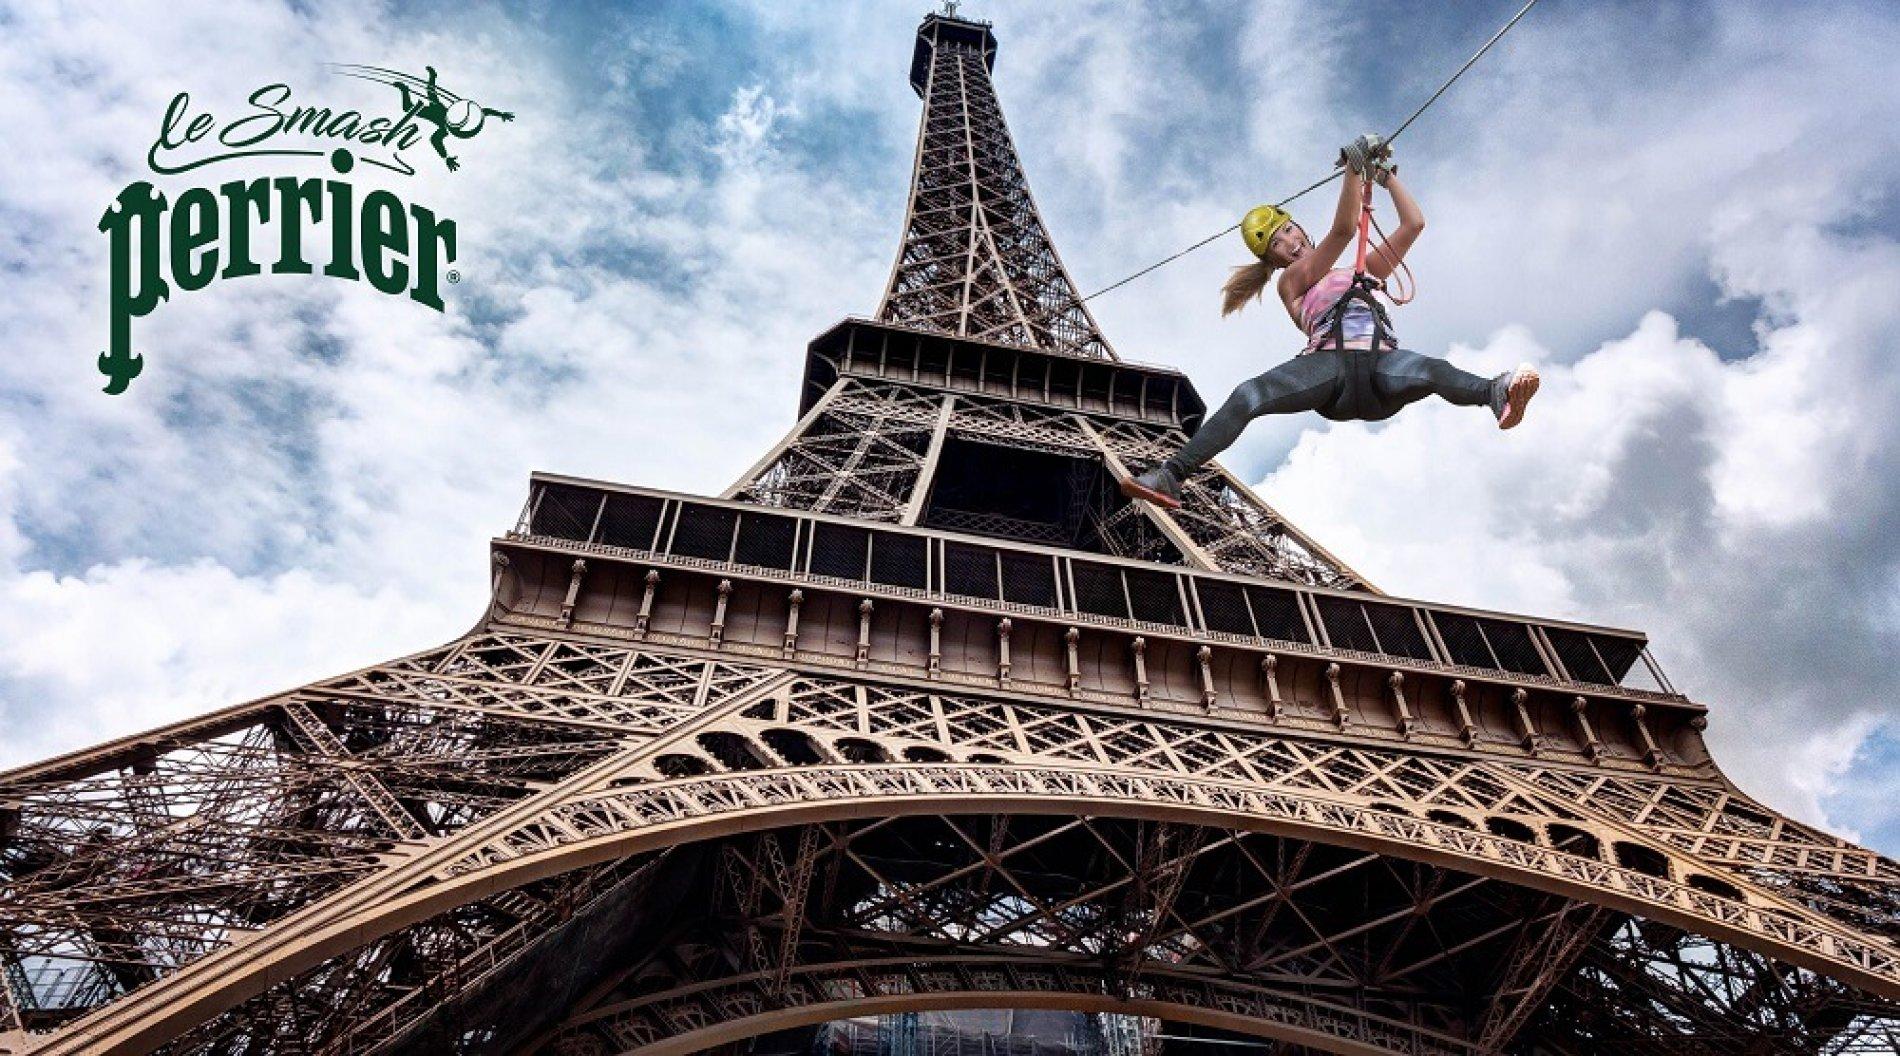 #SMASHPERRIER vous fait voler depuis la Tour Eiffel!